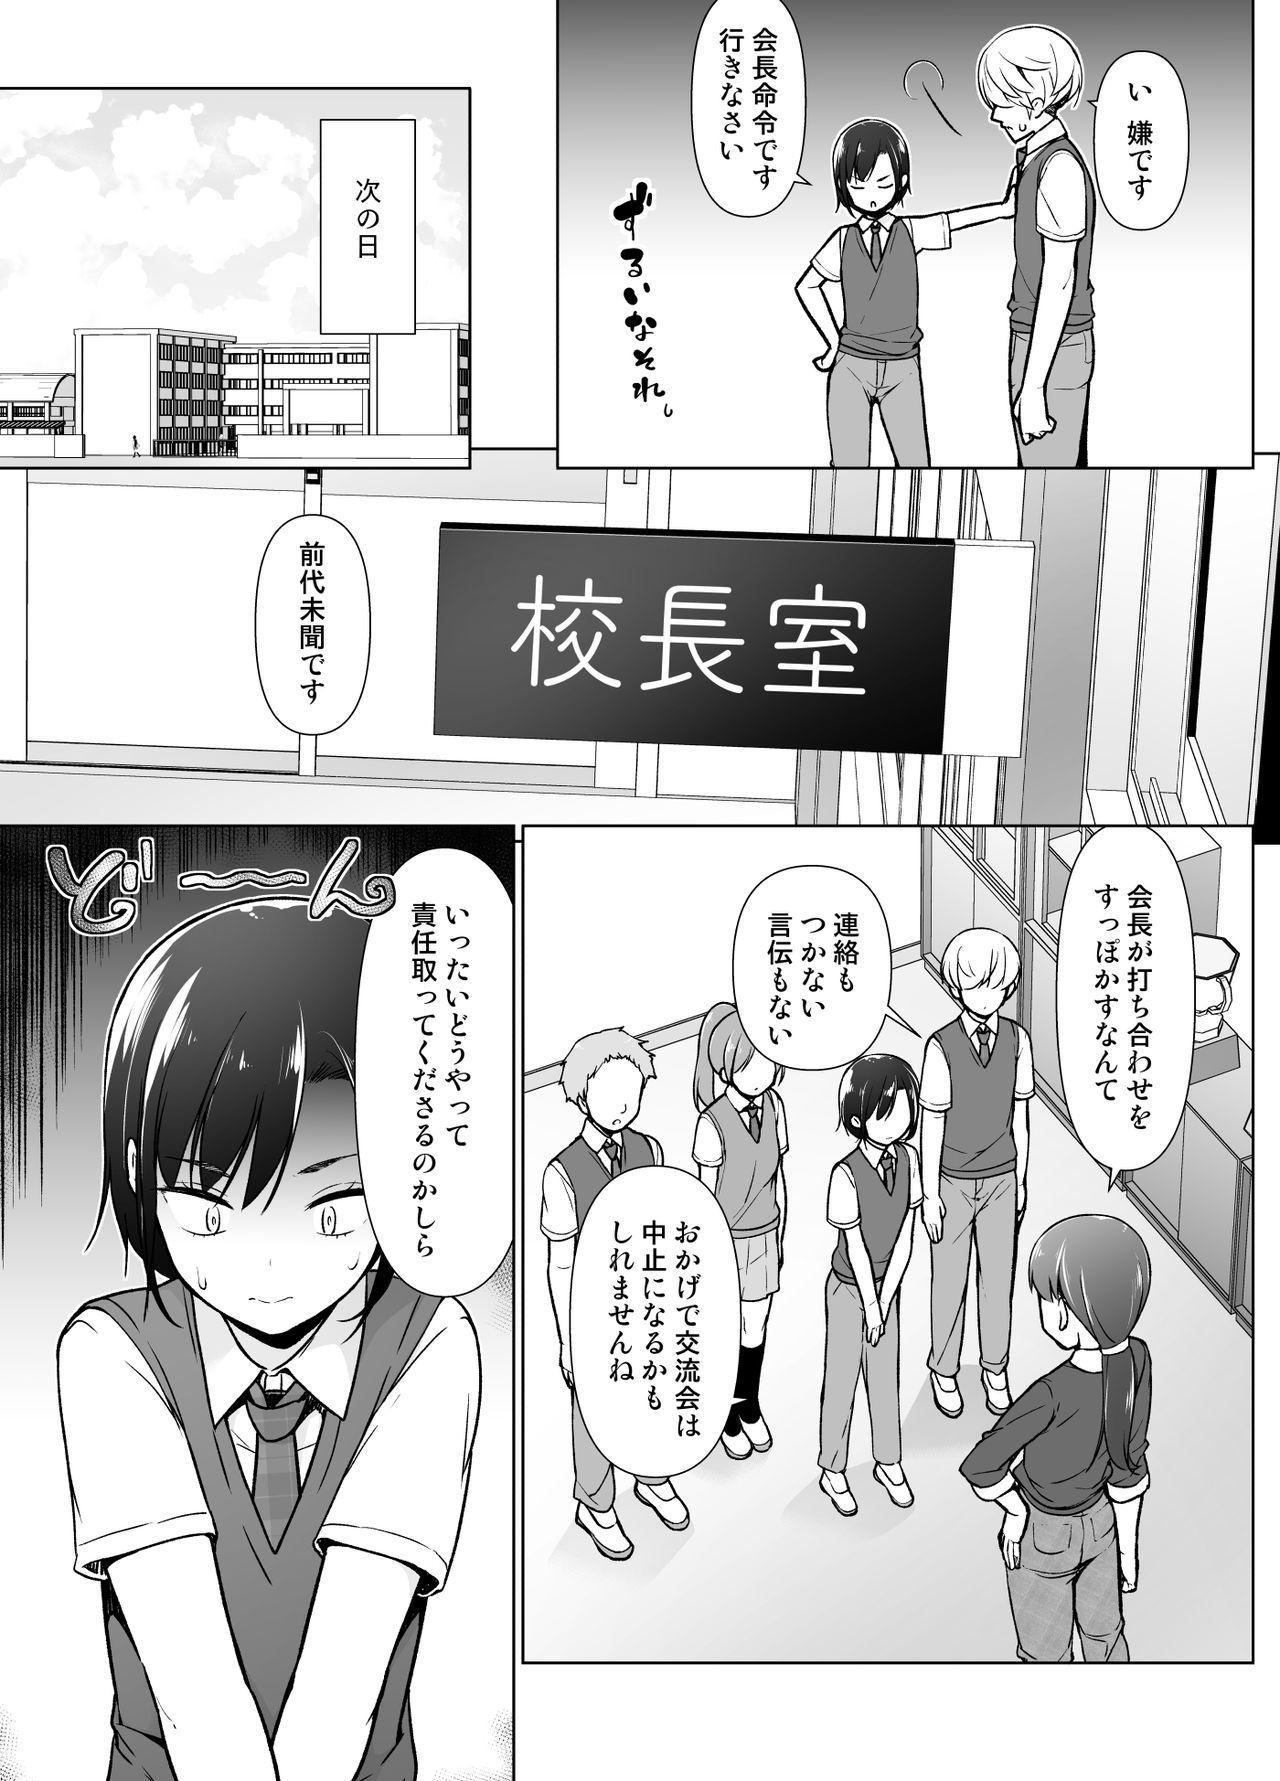 Gouman Seitokaichou ga Josou o Shitara 5